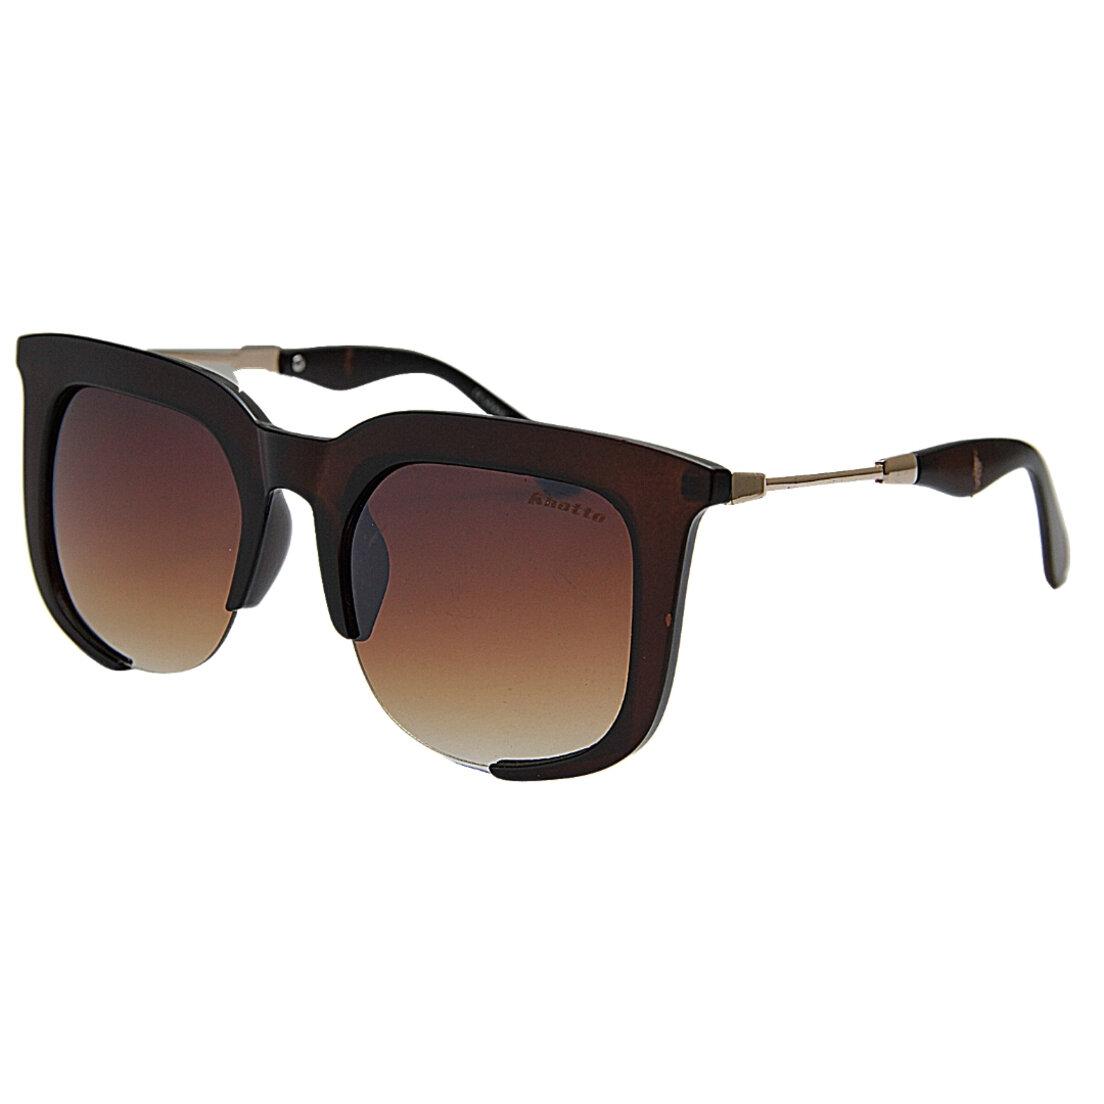 Óculos de Sol Khatto Chic Chic - C125